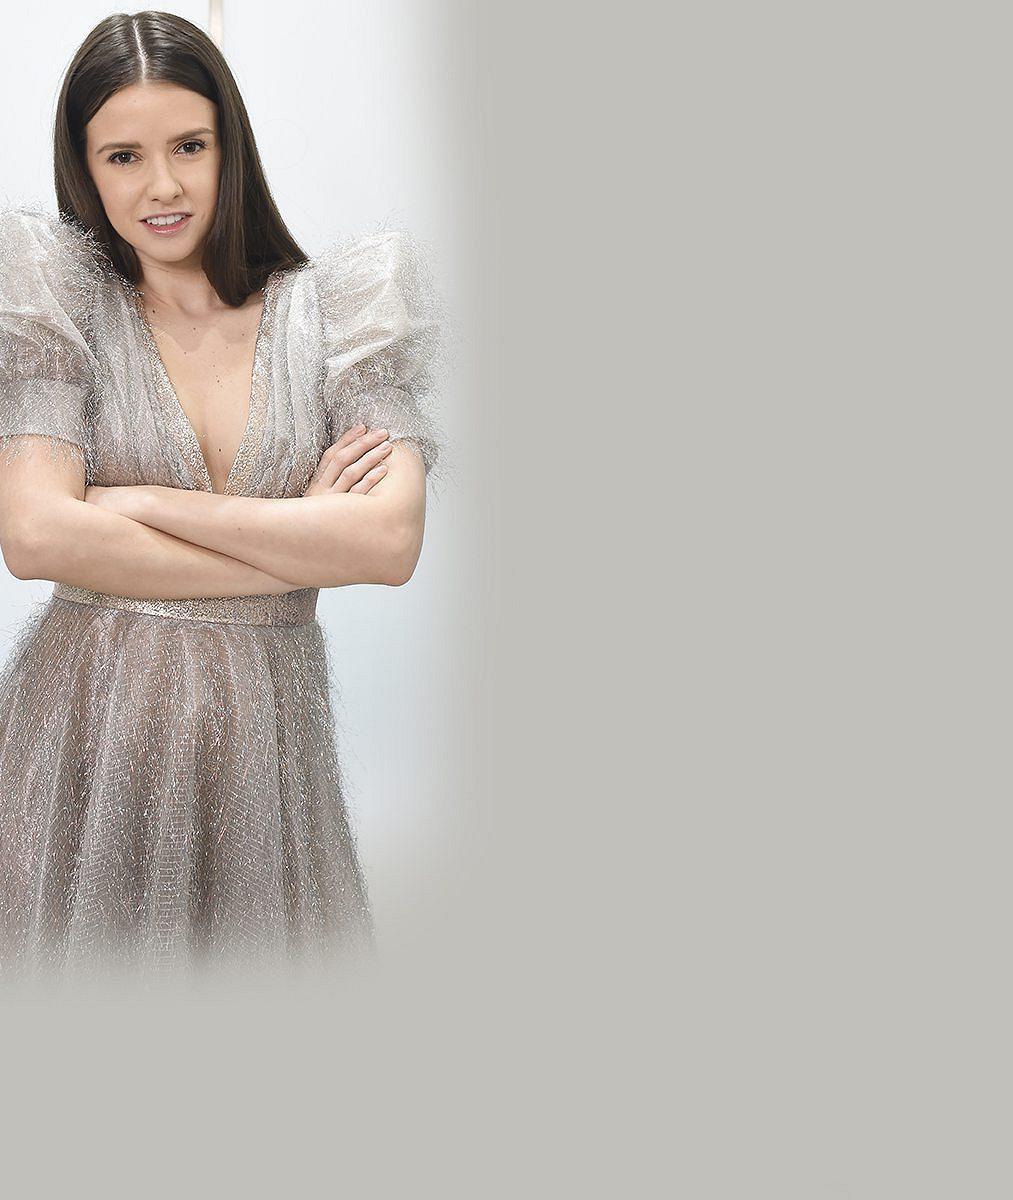 Svatba a děti? Partnerka Jaromíra Jágra promluvila o své představě budoucnosti. Mnohé překvapí